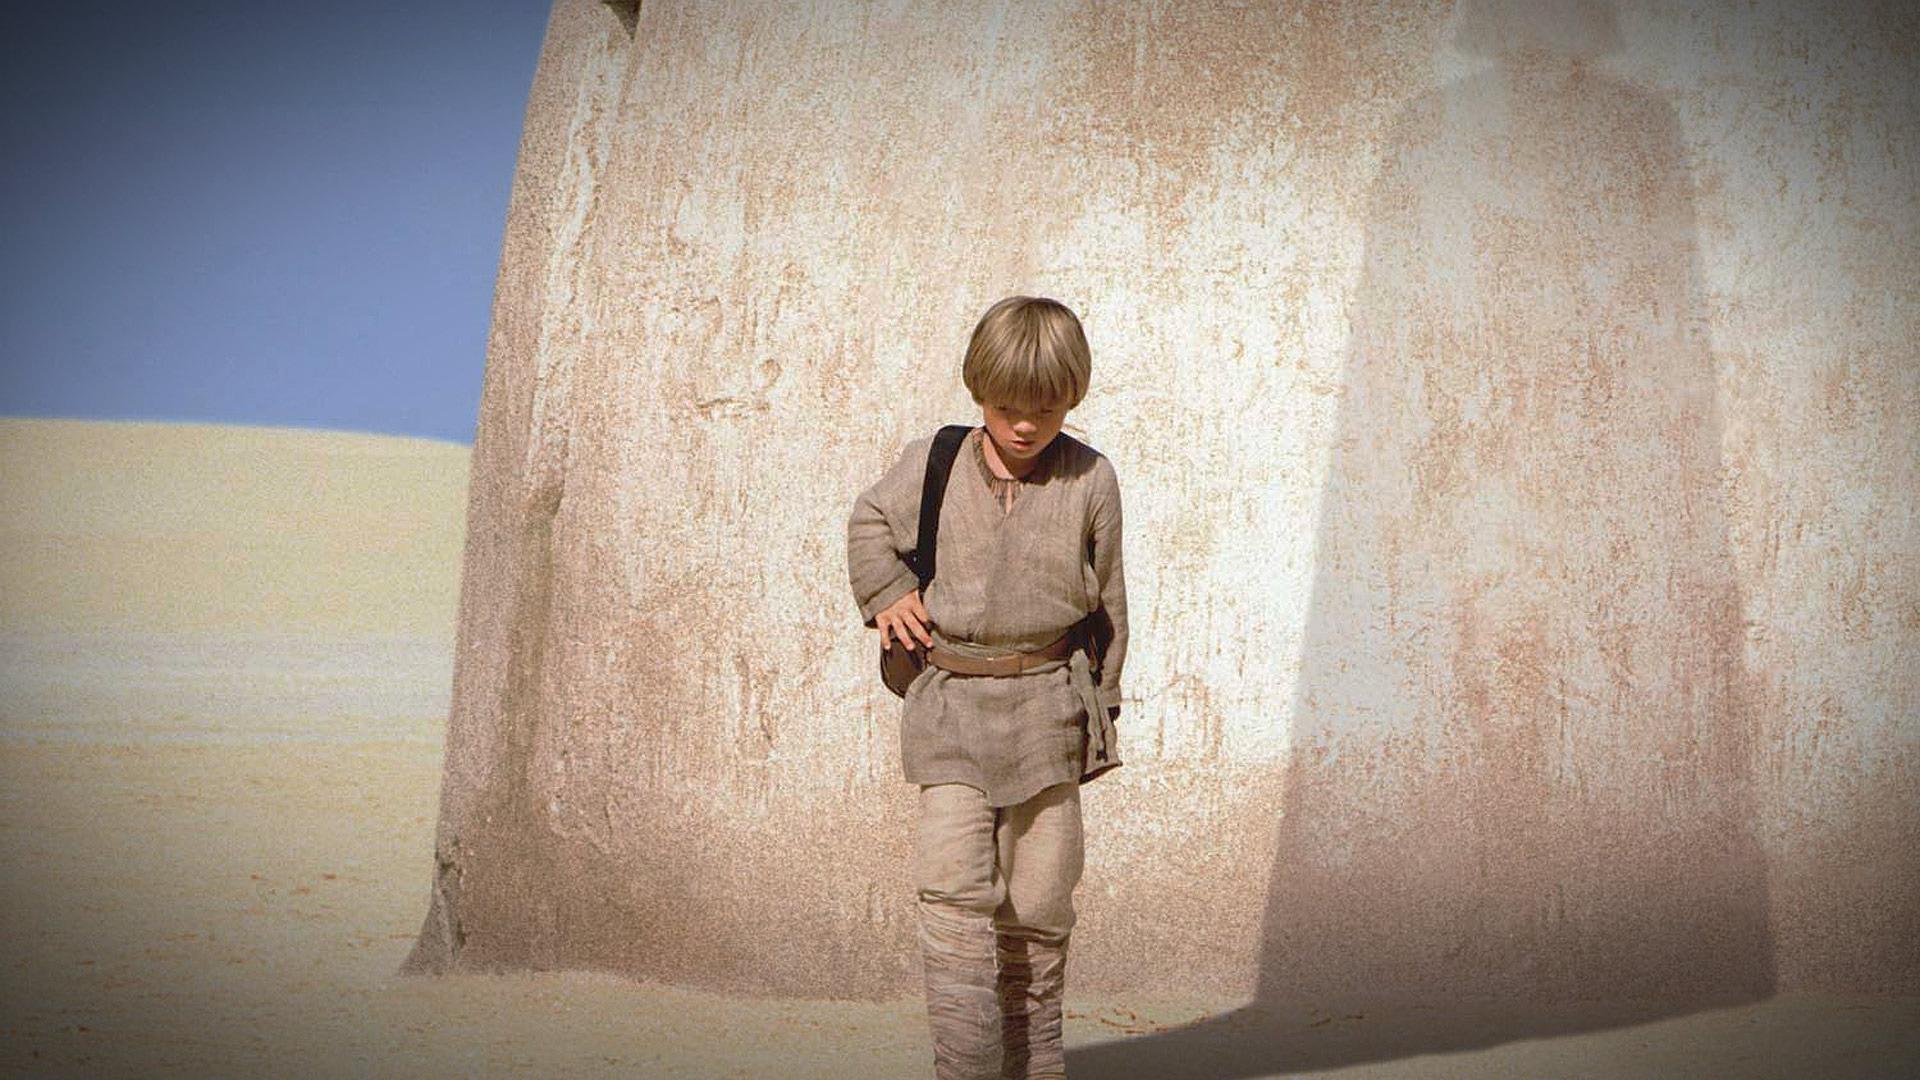 star wars anakin skywalker hd wallpaper 1920x1080